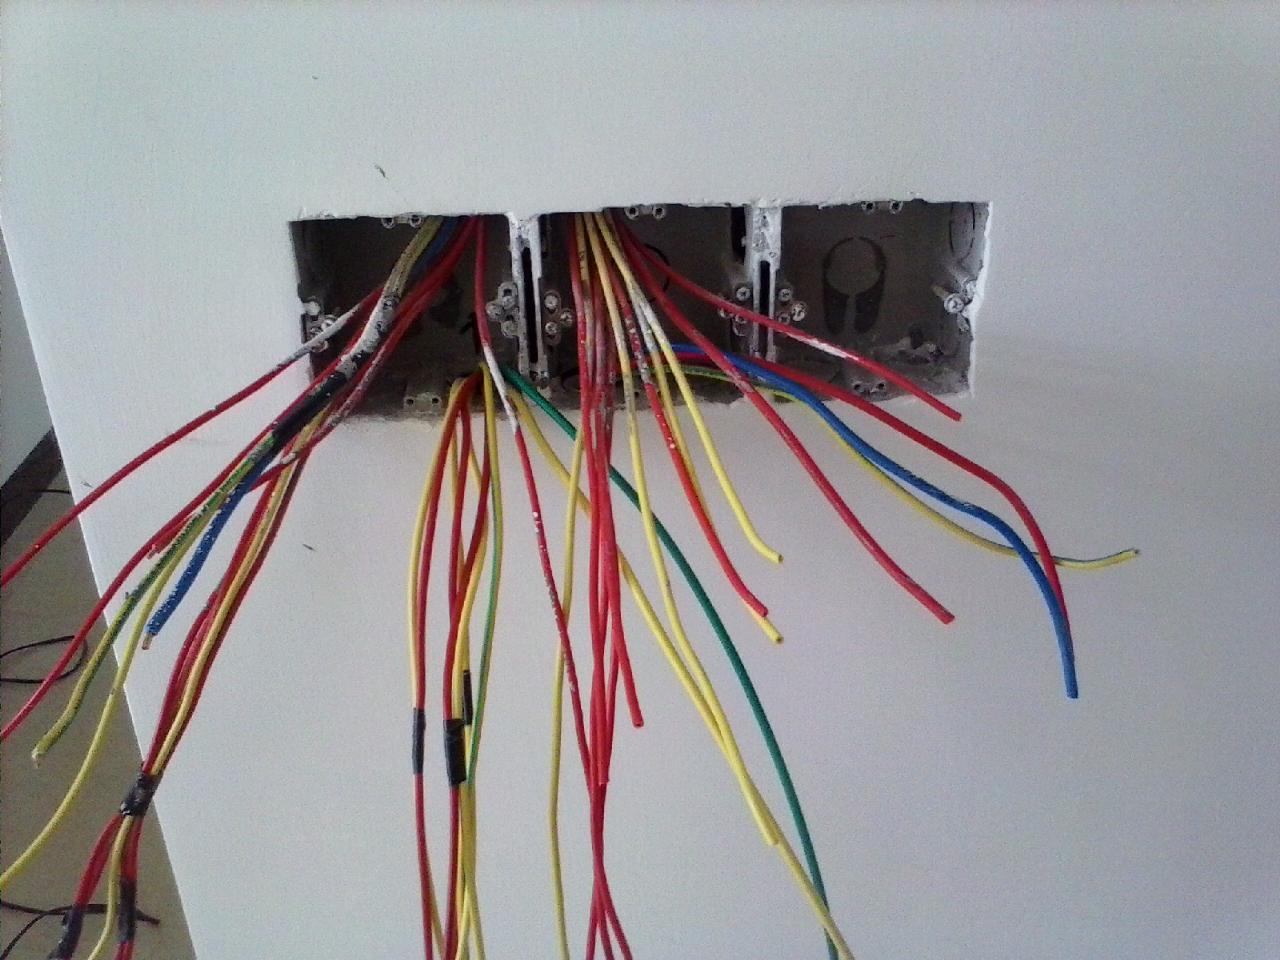 吊顶内部接线图片